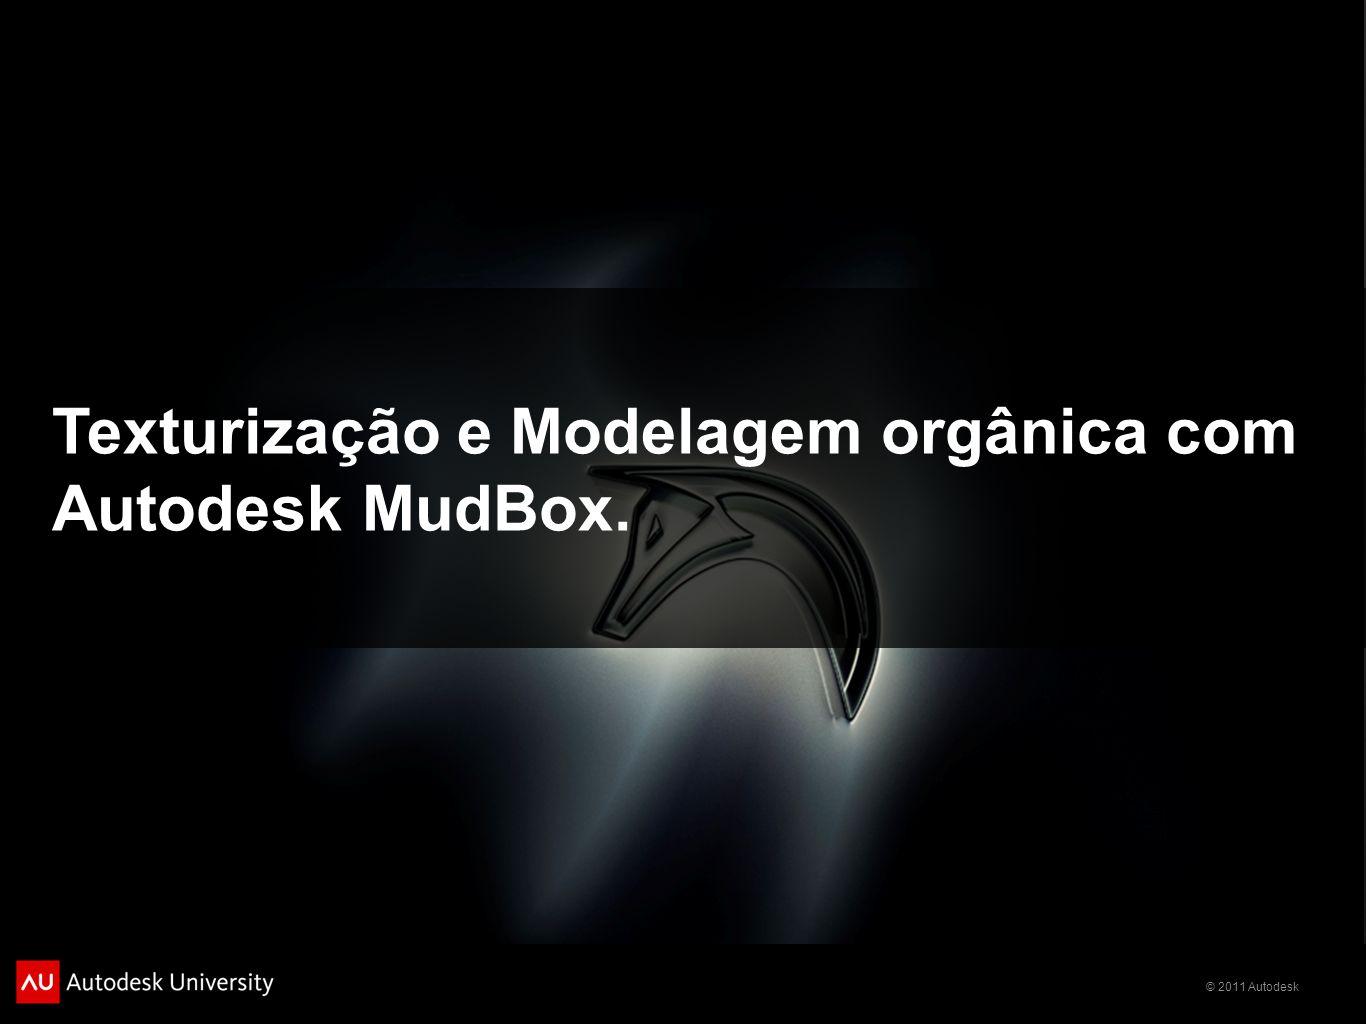 Texturização e Modelagem orgânica com Autodesk MudBox.